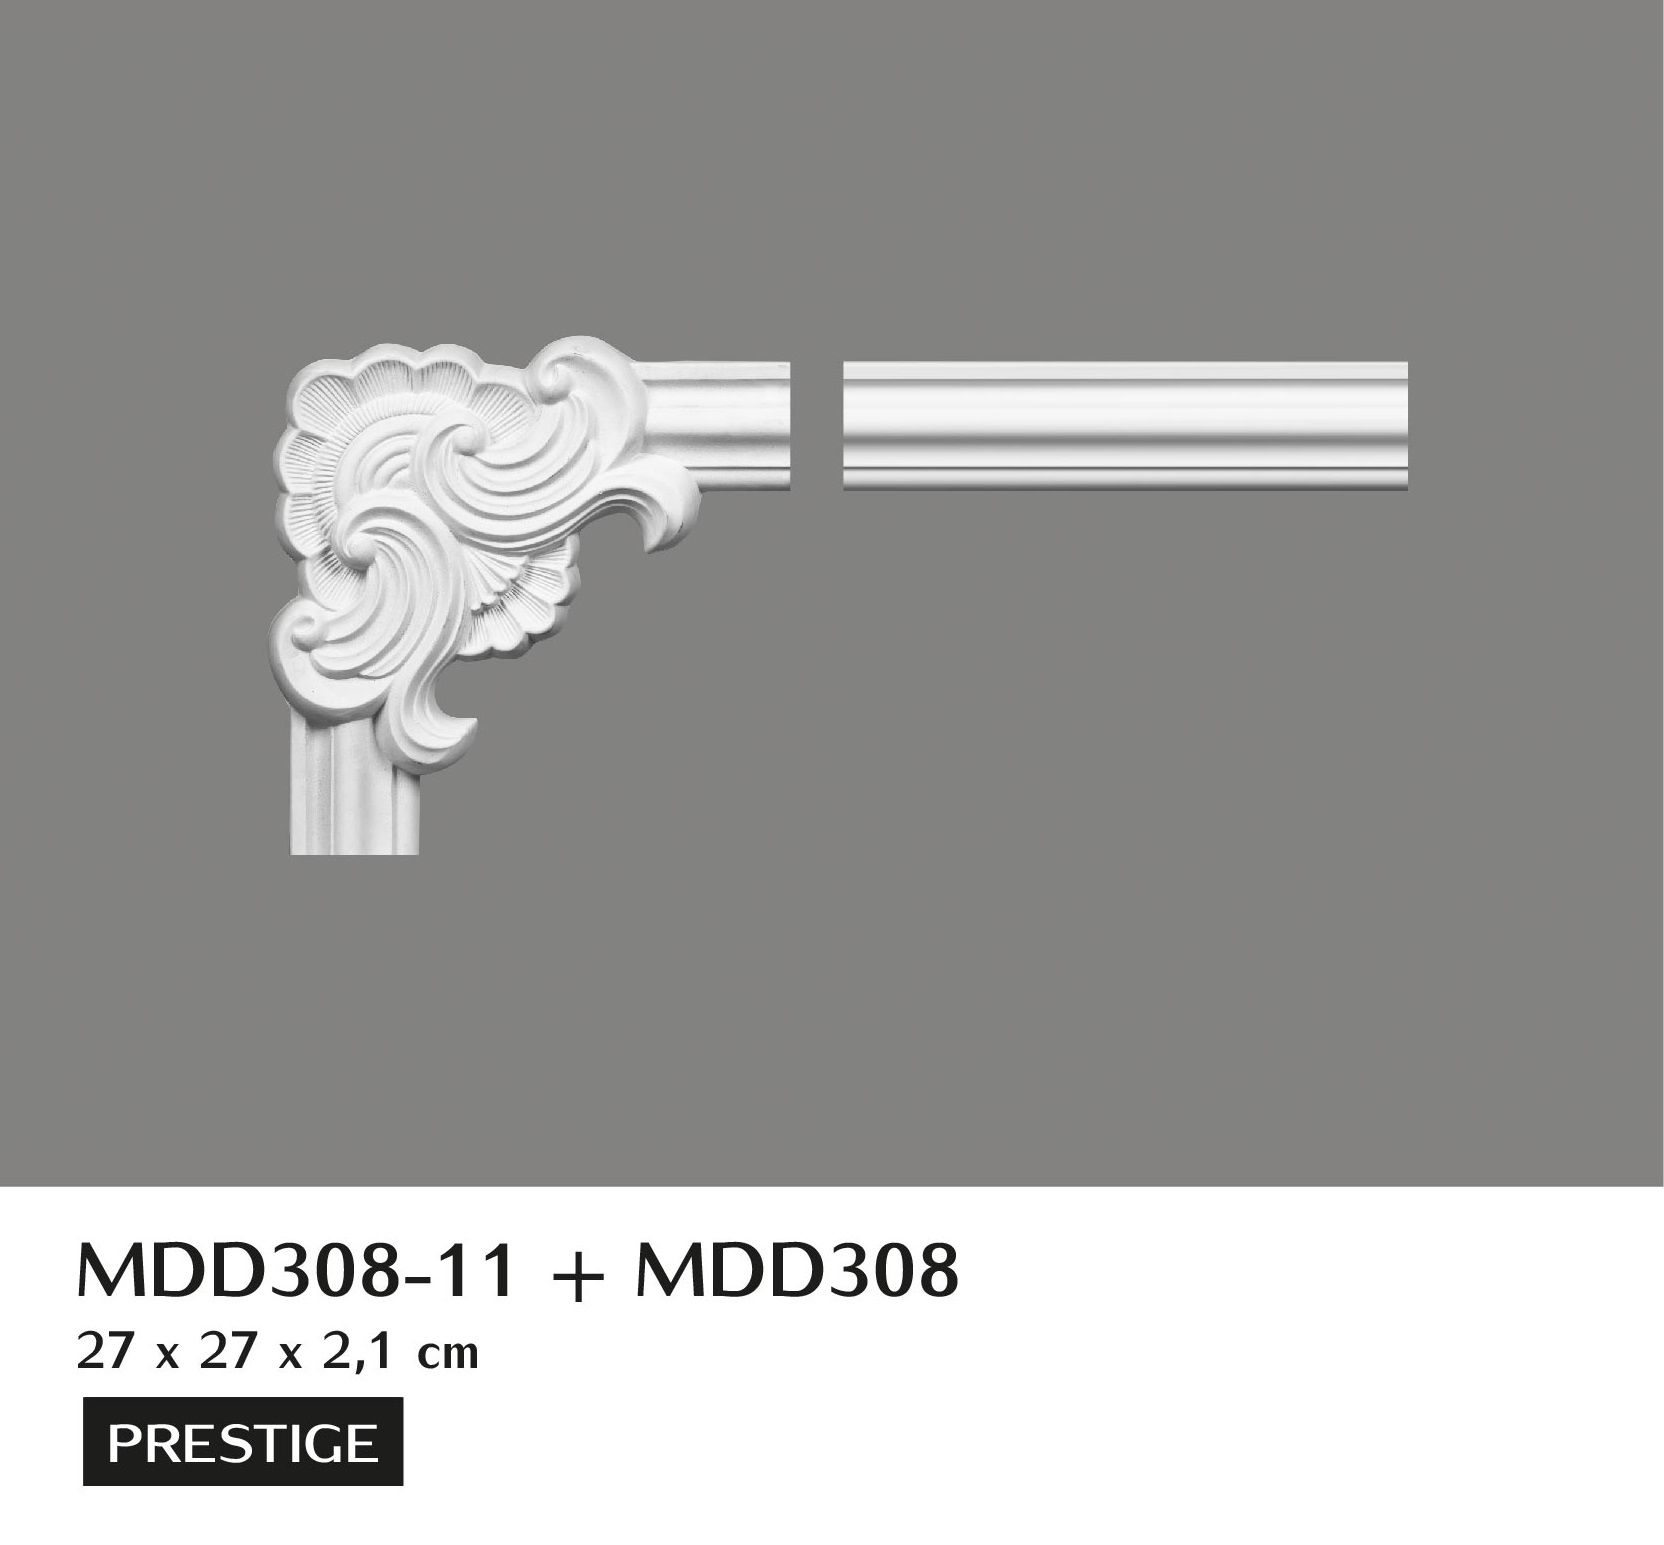 Mdd308 11